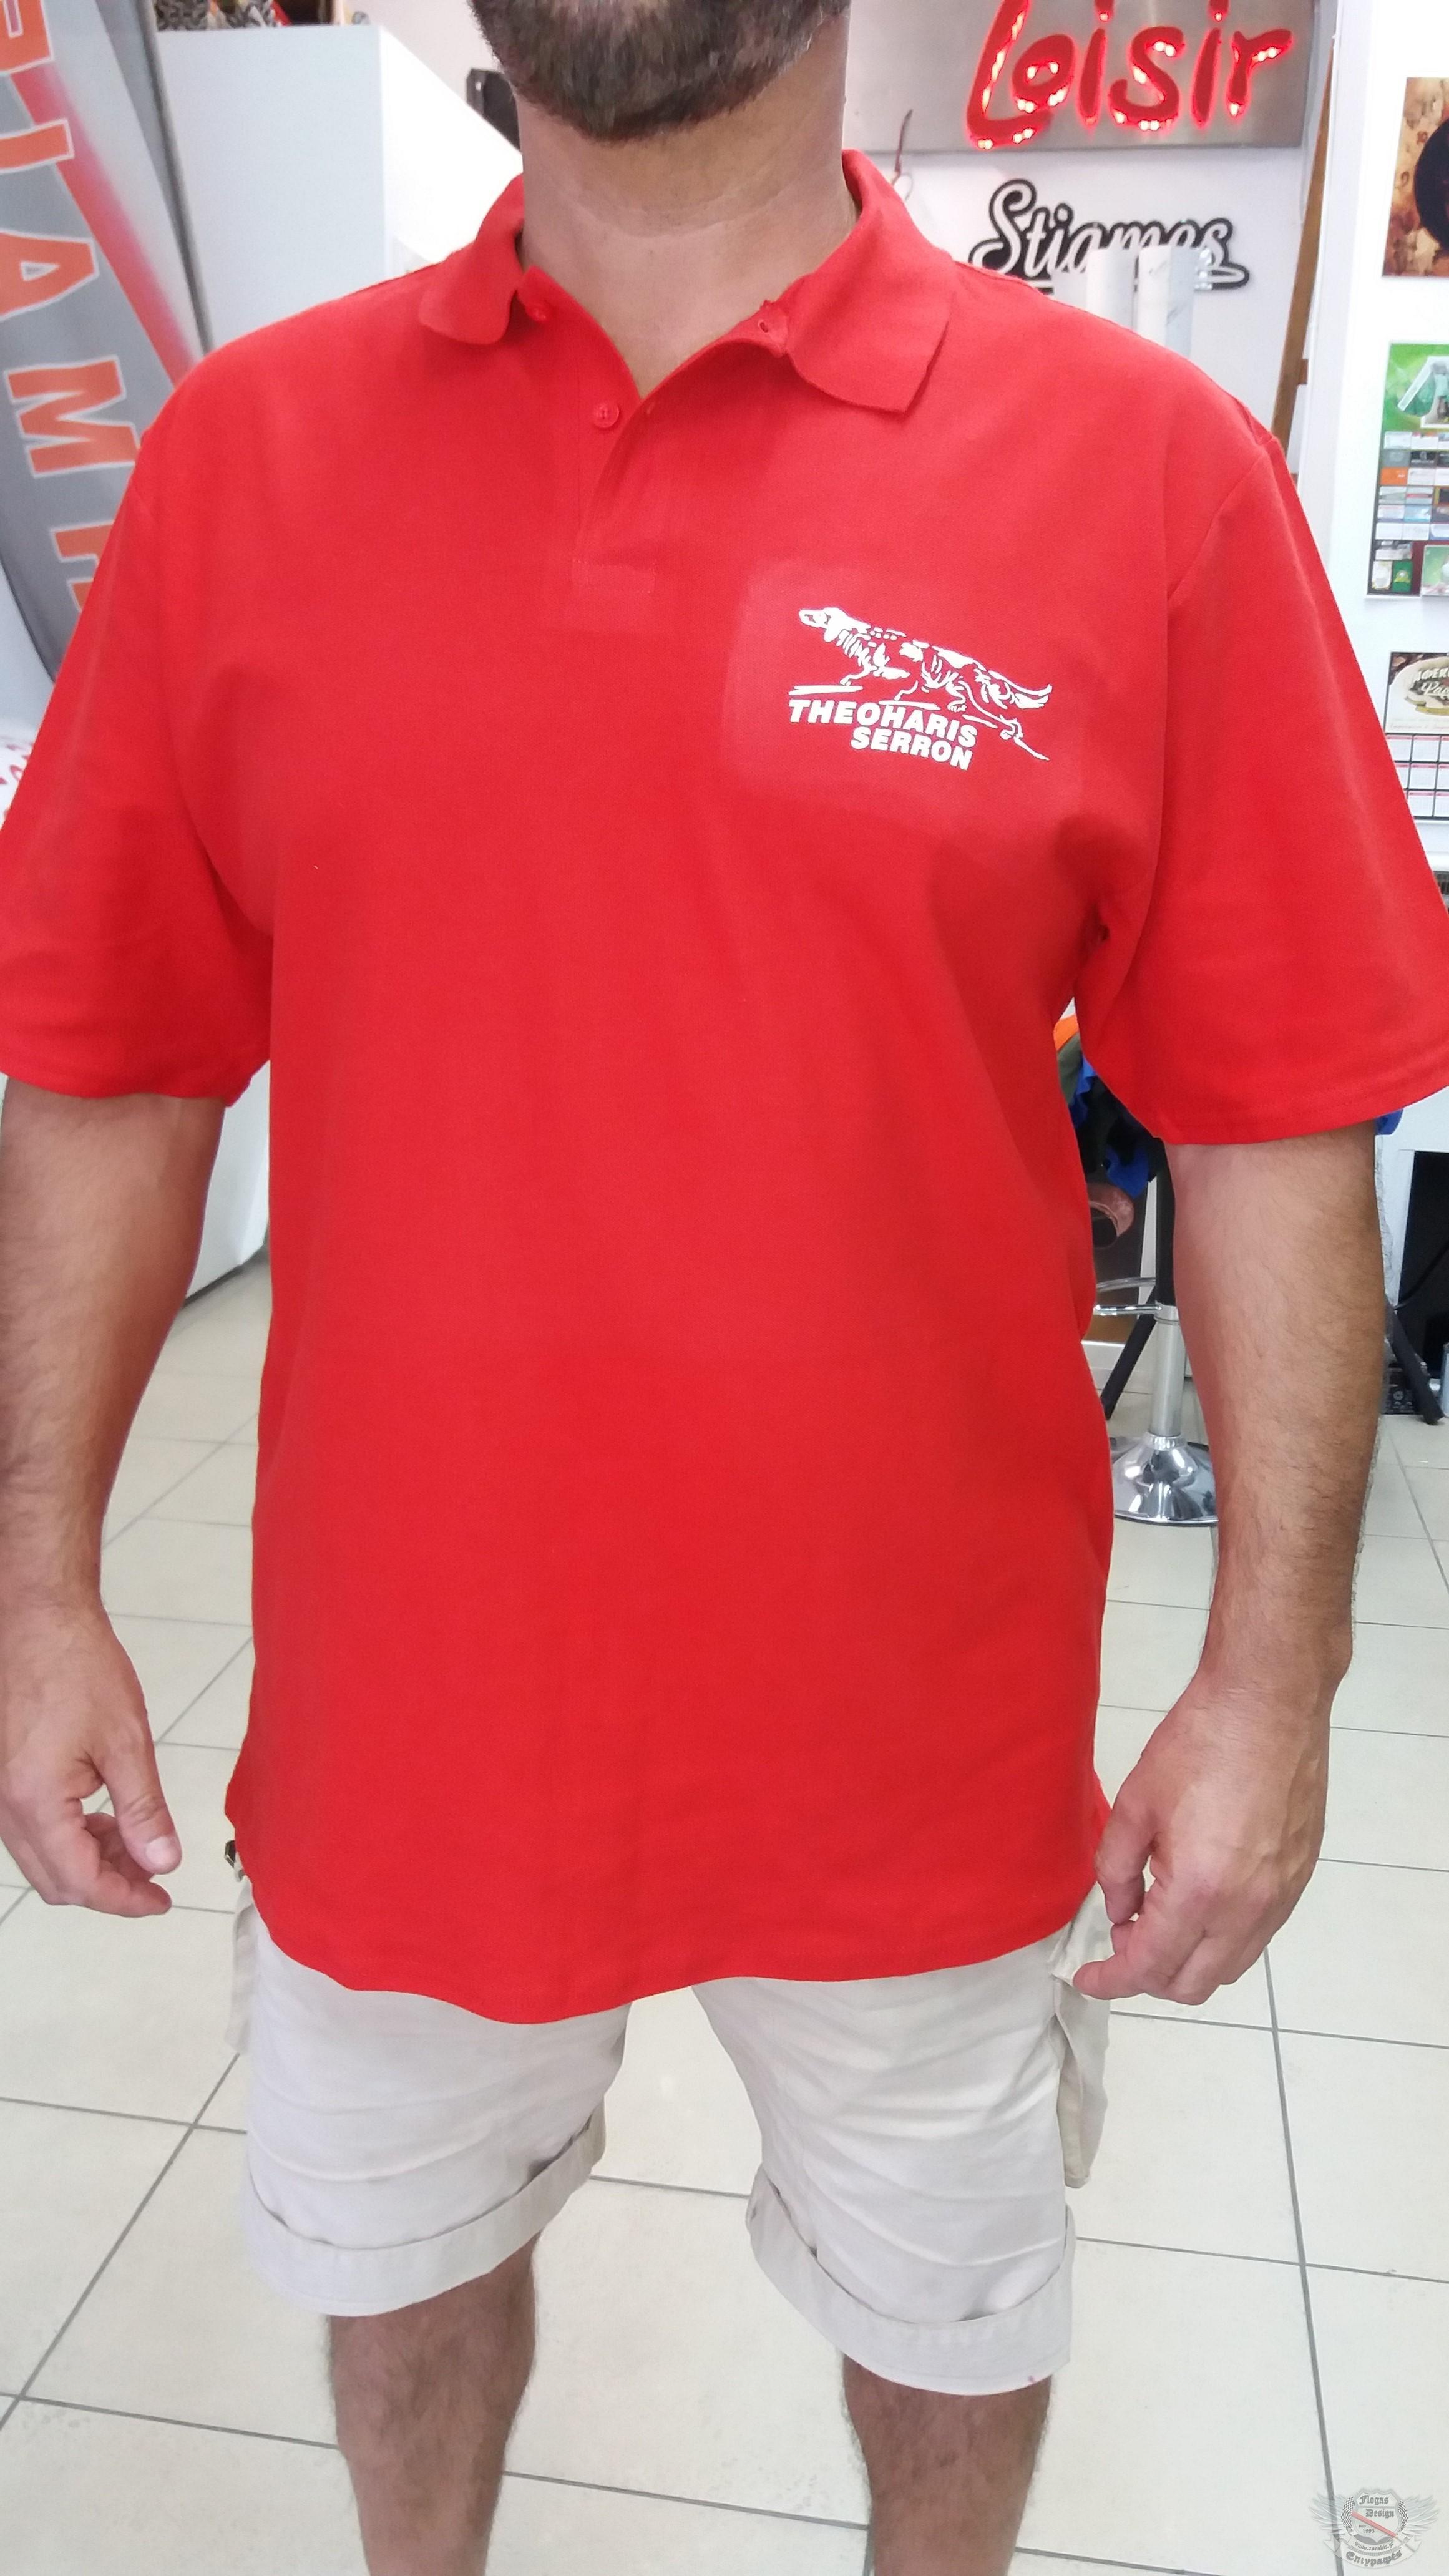 LOGO POLO CLOTH,logo for polo clothes